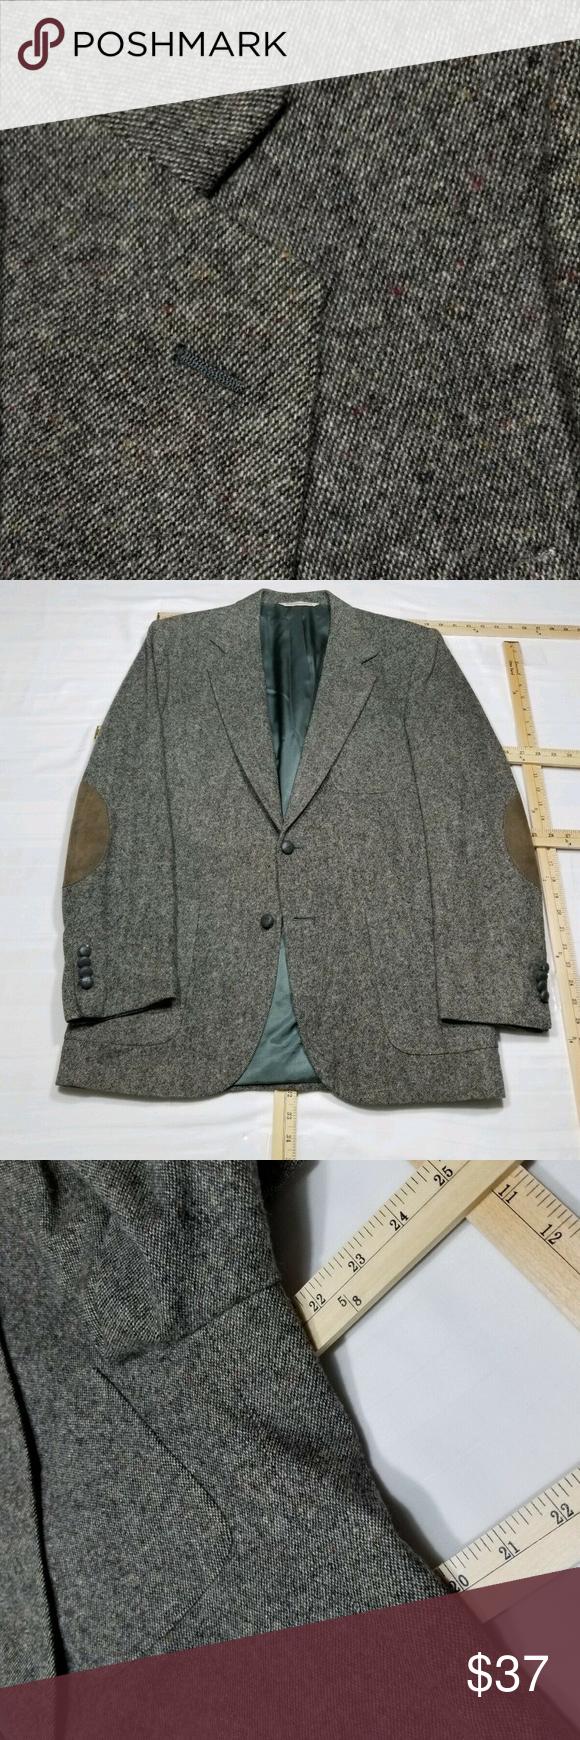 J. Lindeberg Wool Sport Coat Blazer Gray 52 Men's Men's